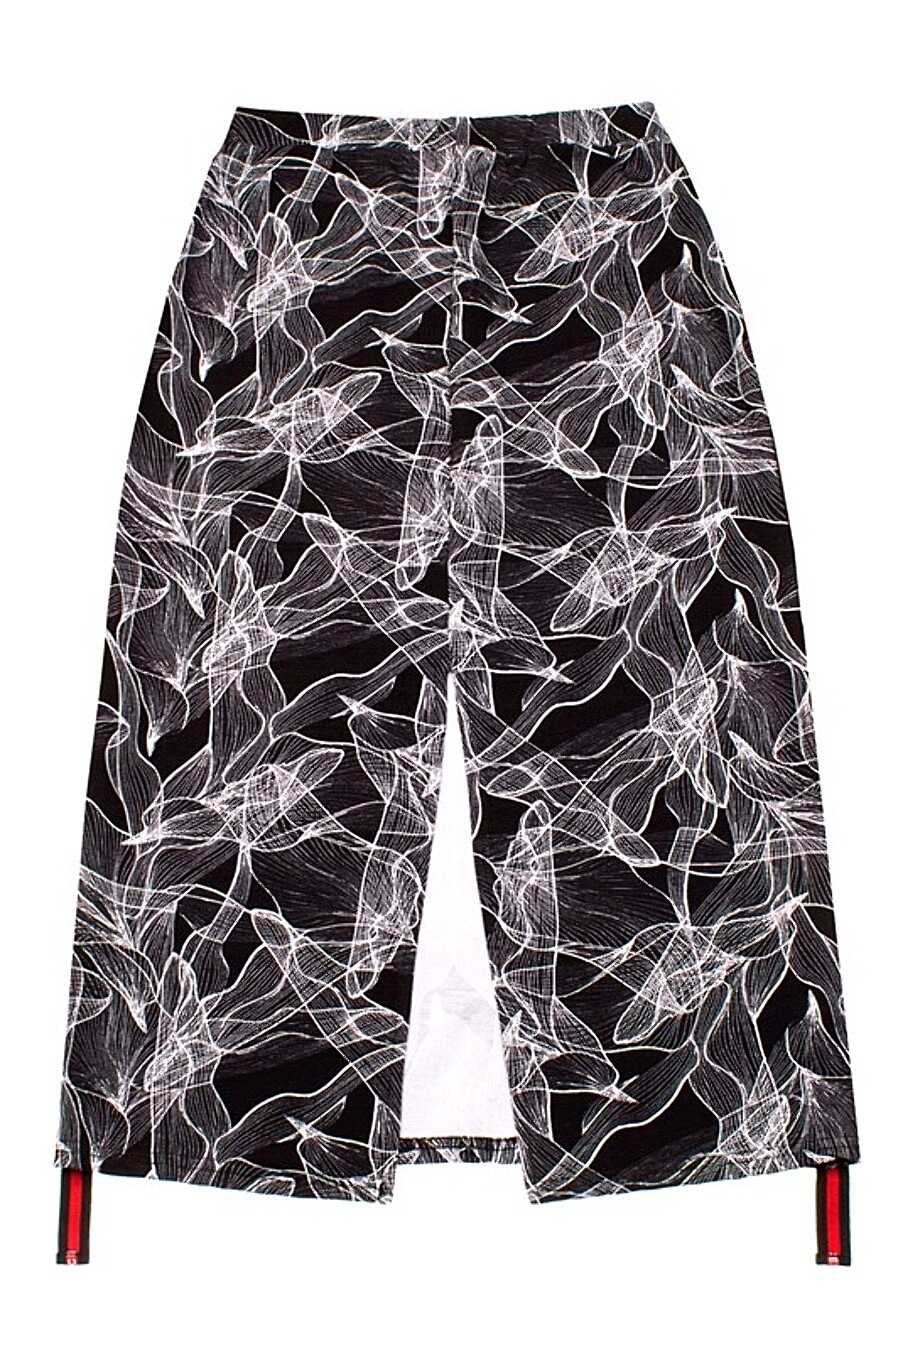 Юбка для женщин Archi 158757 купить оптом от производителя. Совместная покупка женской одежды в OptMoyo